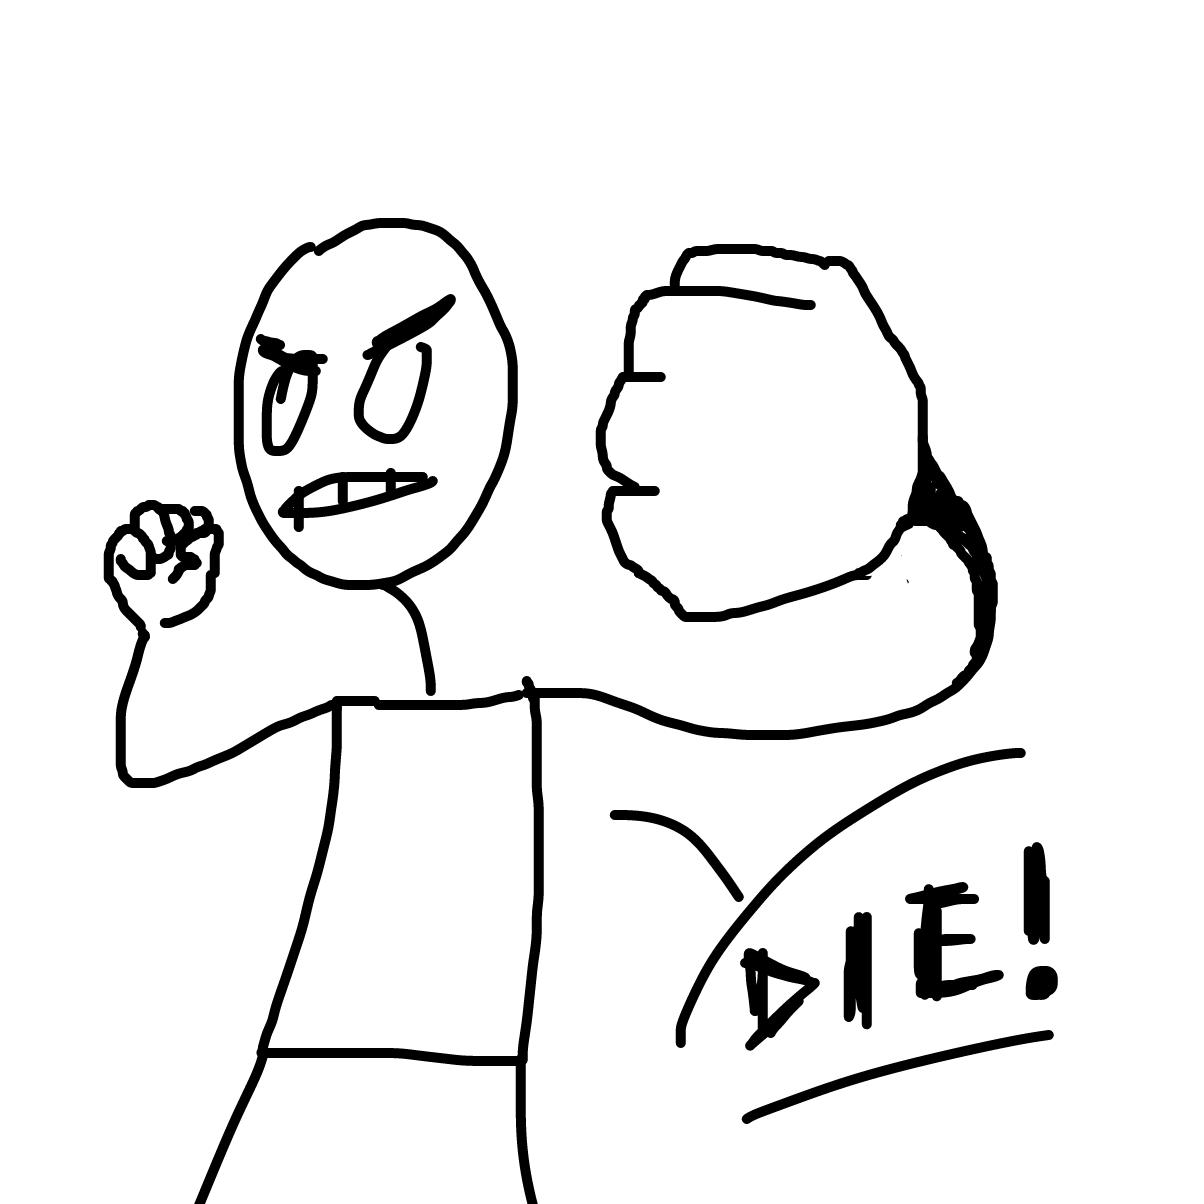 Drawing in die! by dribblio